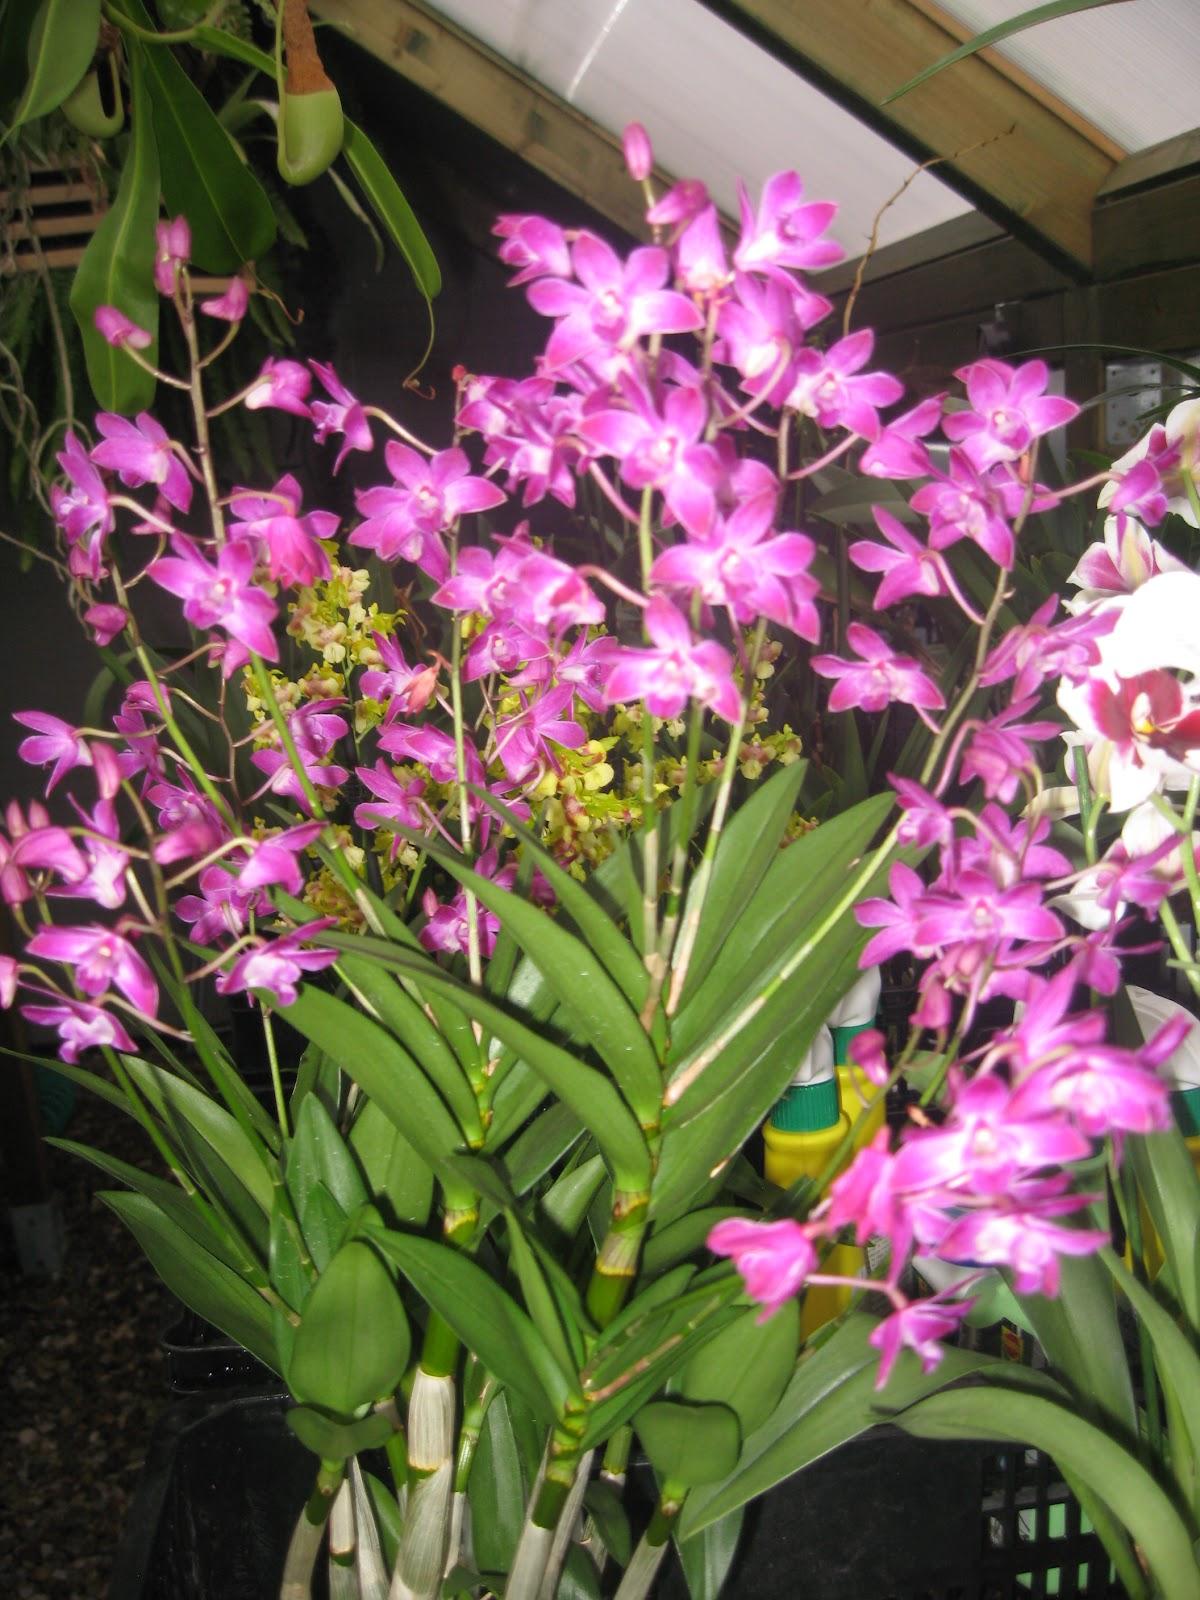 kingianum x Dendrobium Mini Pearl) . Fácil cuidado, insensible a plagas y descuidos de cultivo, floración abundante asegurada y además un delicioso